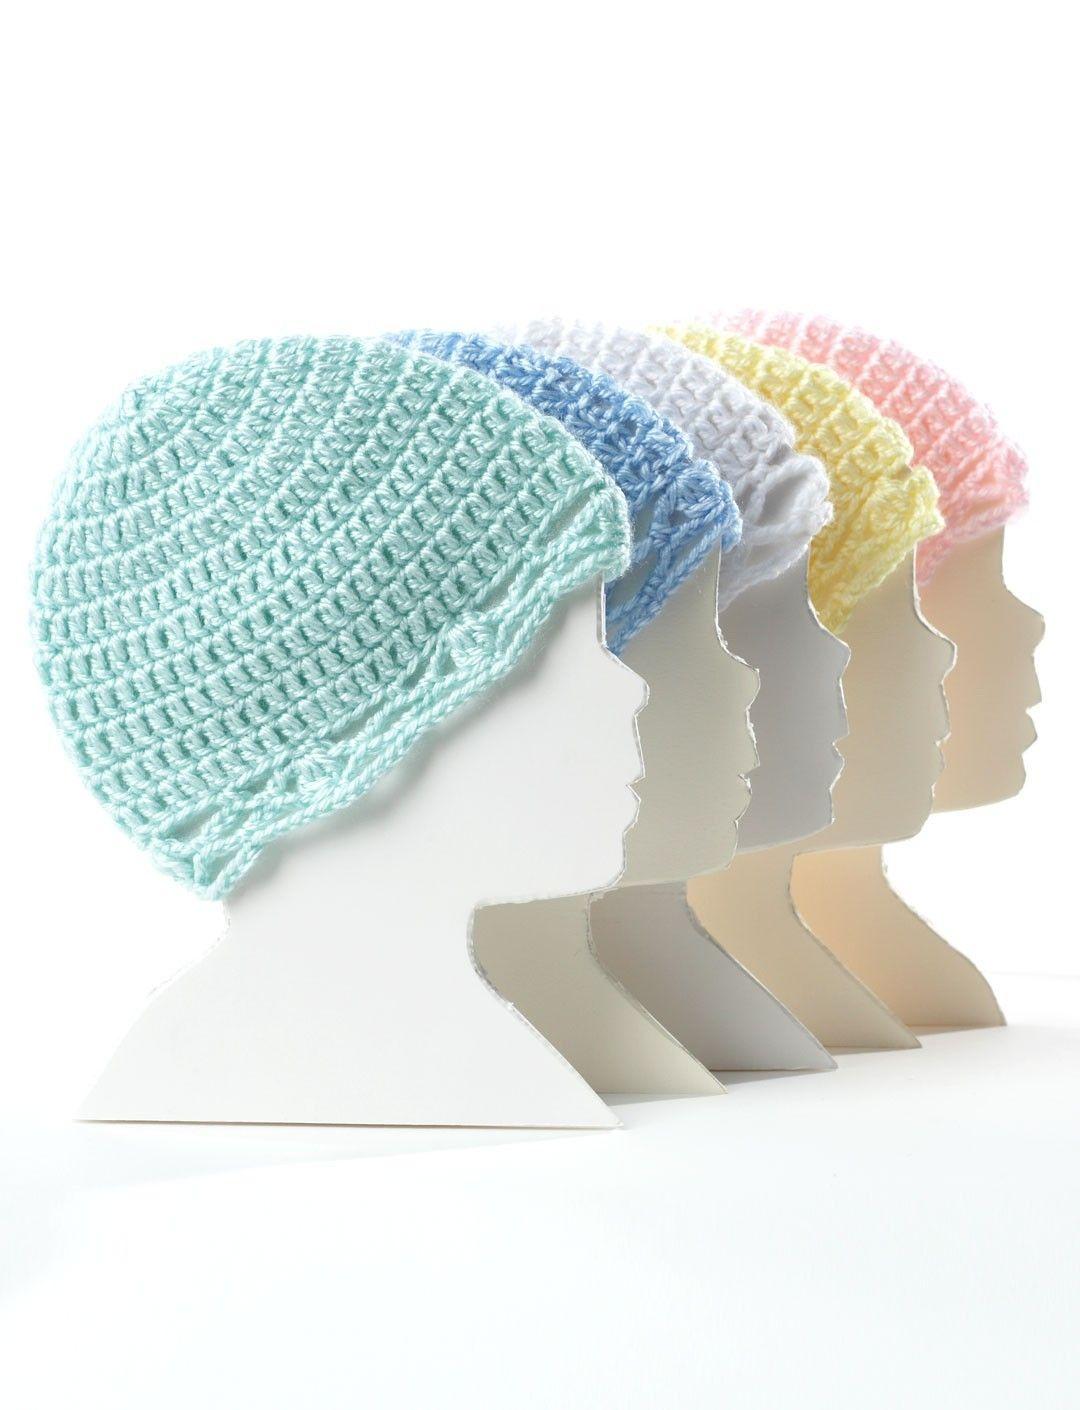 CROCHET PATTERN - Bernat Softee Baby Hats | Crochet projects ...